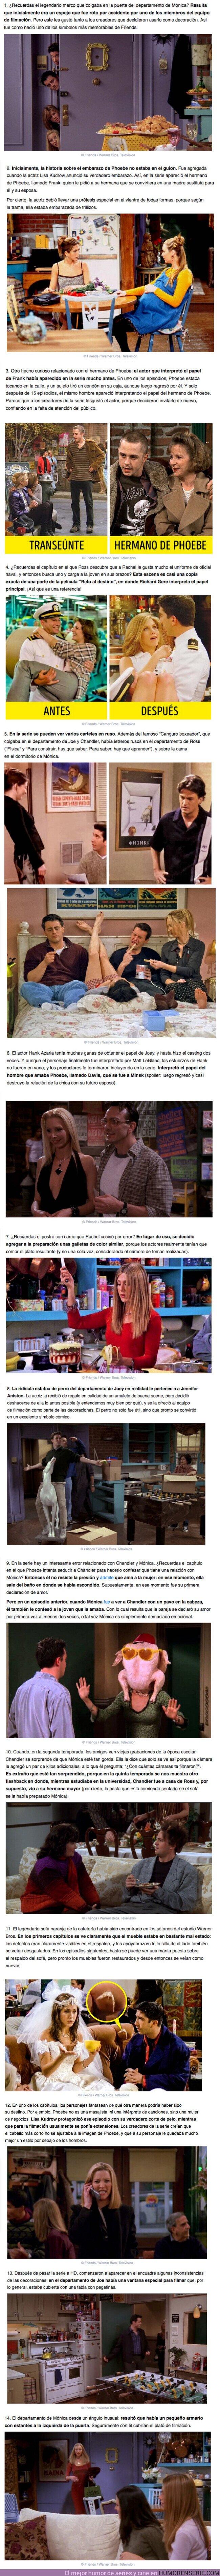 """64164 - GALERÍA: 14 Detalles curiosos sobre la serie de televisión """"Friends"""" que seguramente no conoces"""